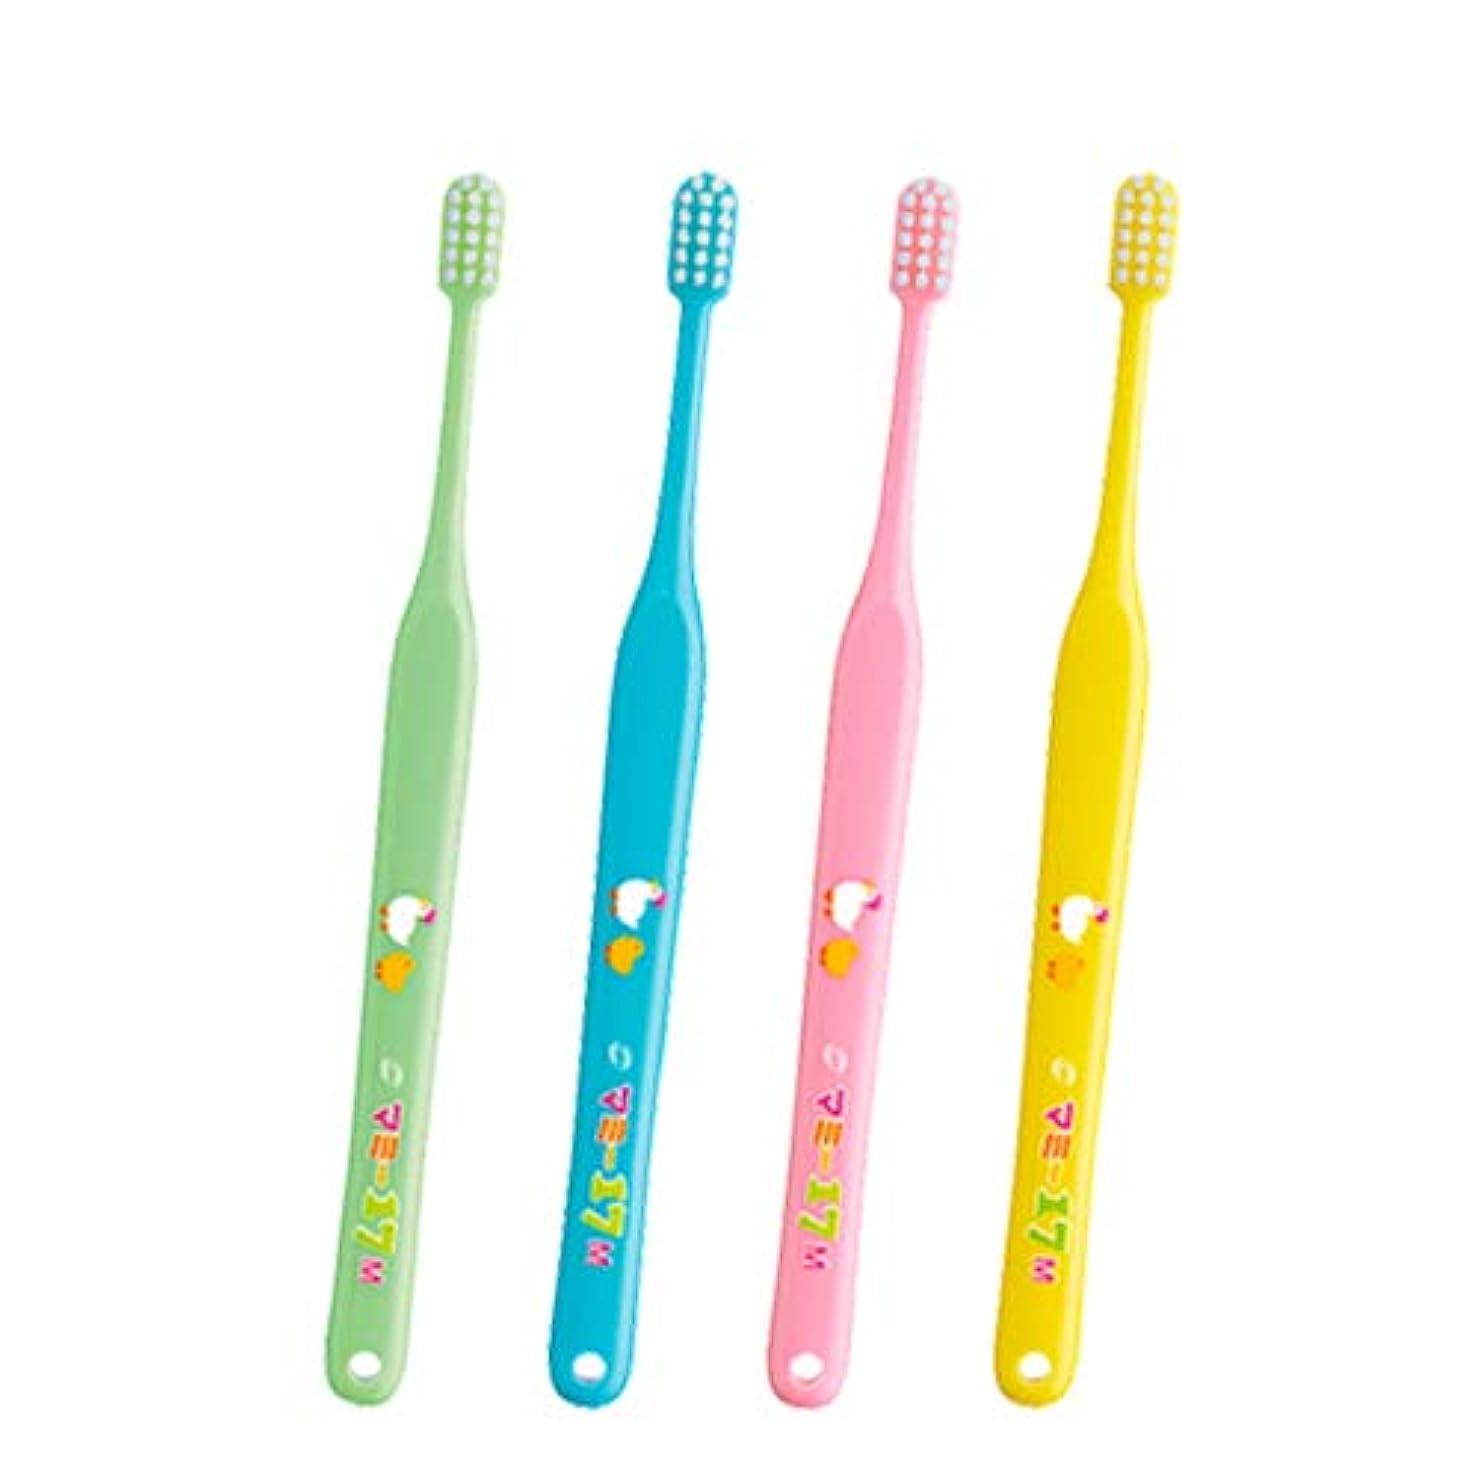 ご覧くださいしょっぱい不道徳オーラルケア マミー17 歯ブラシ 4本 (ミディアム(M))